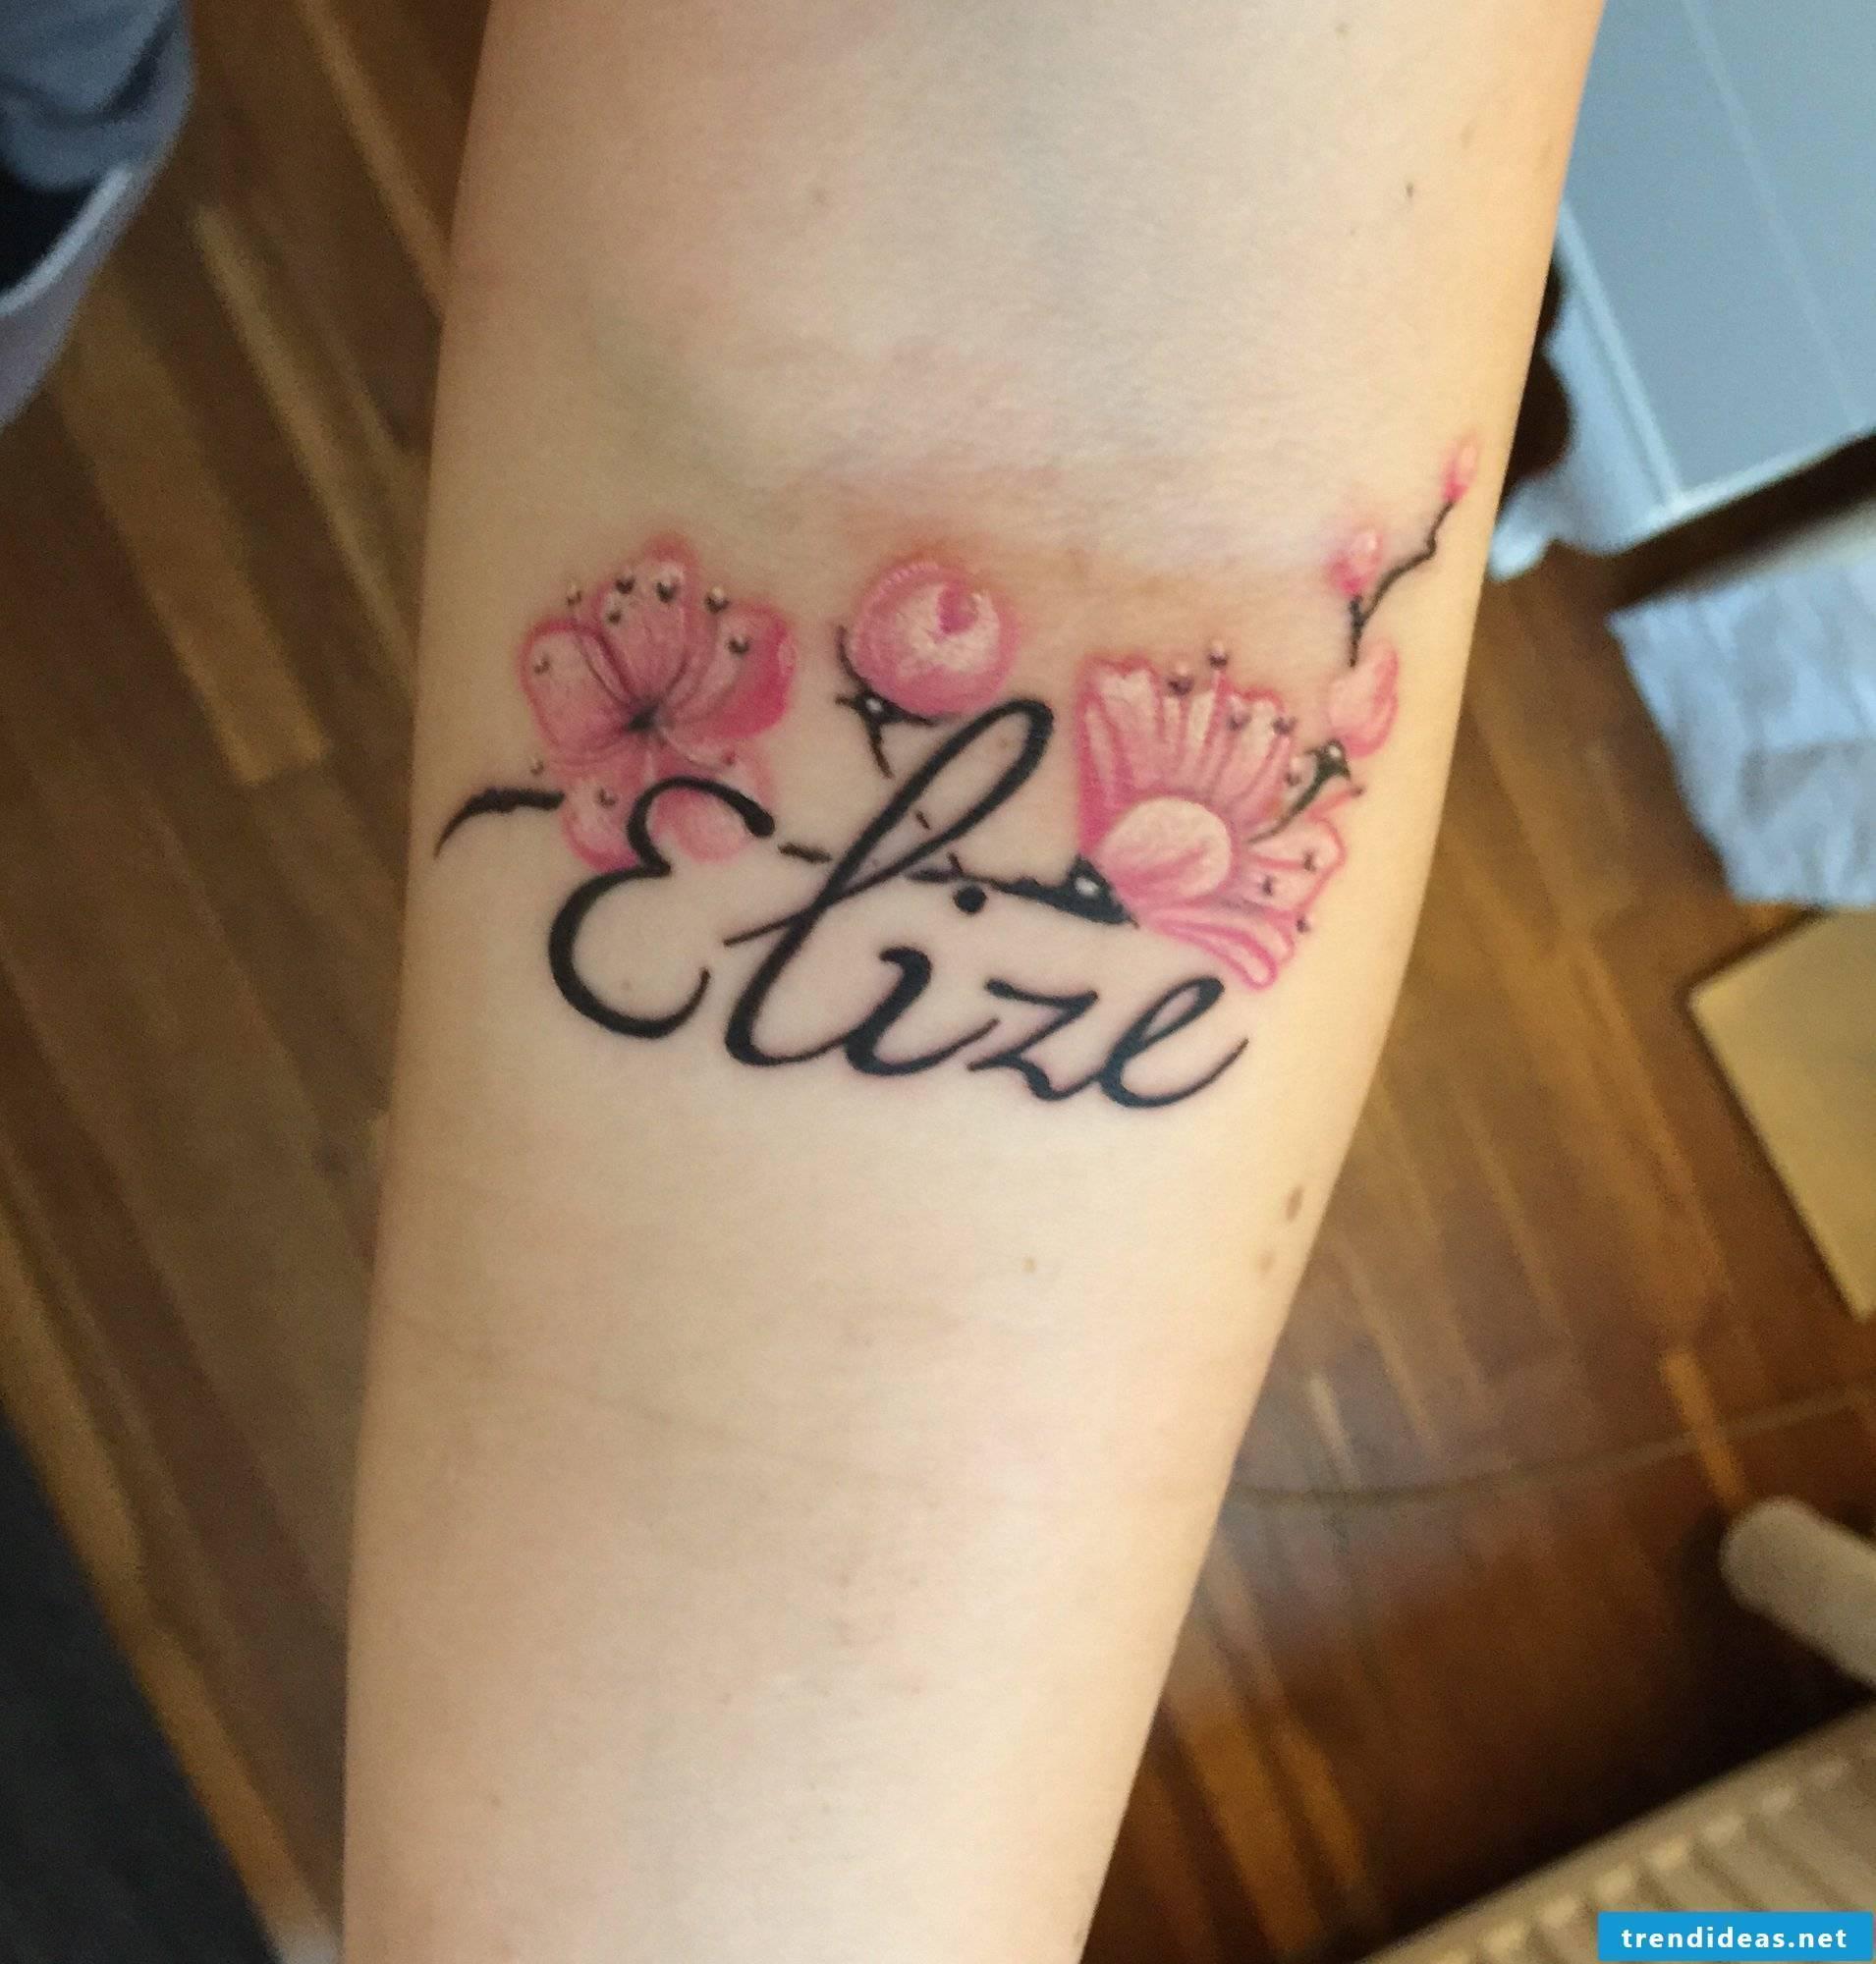 nice name tattoo